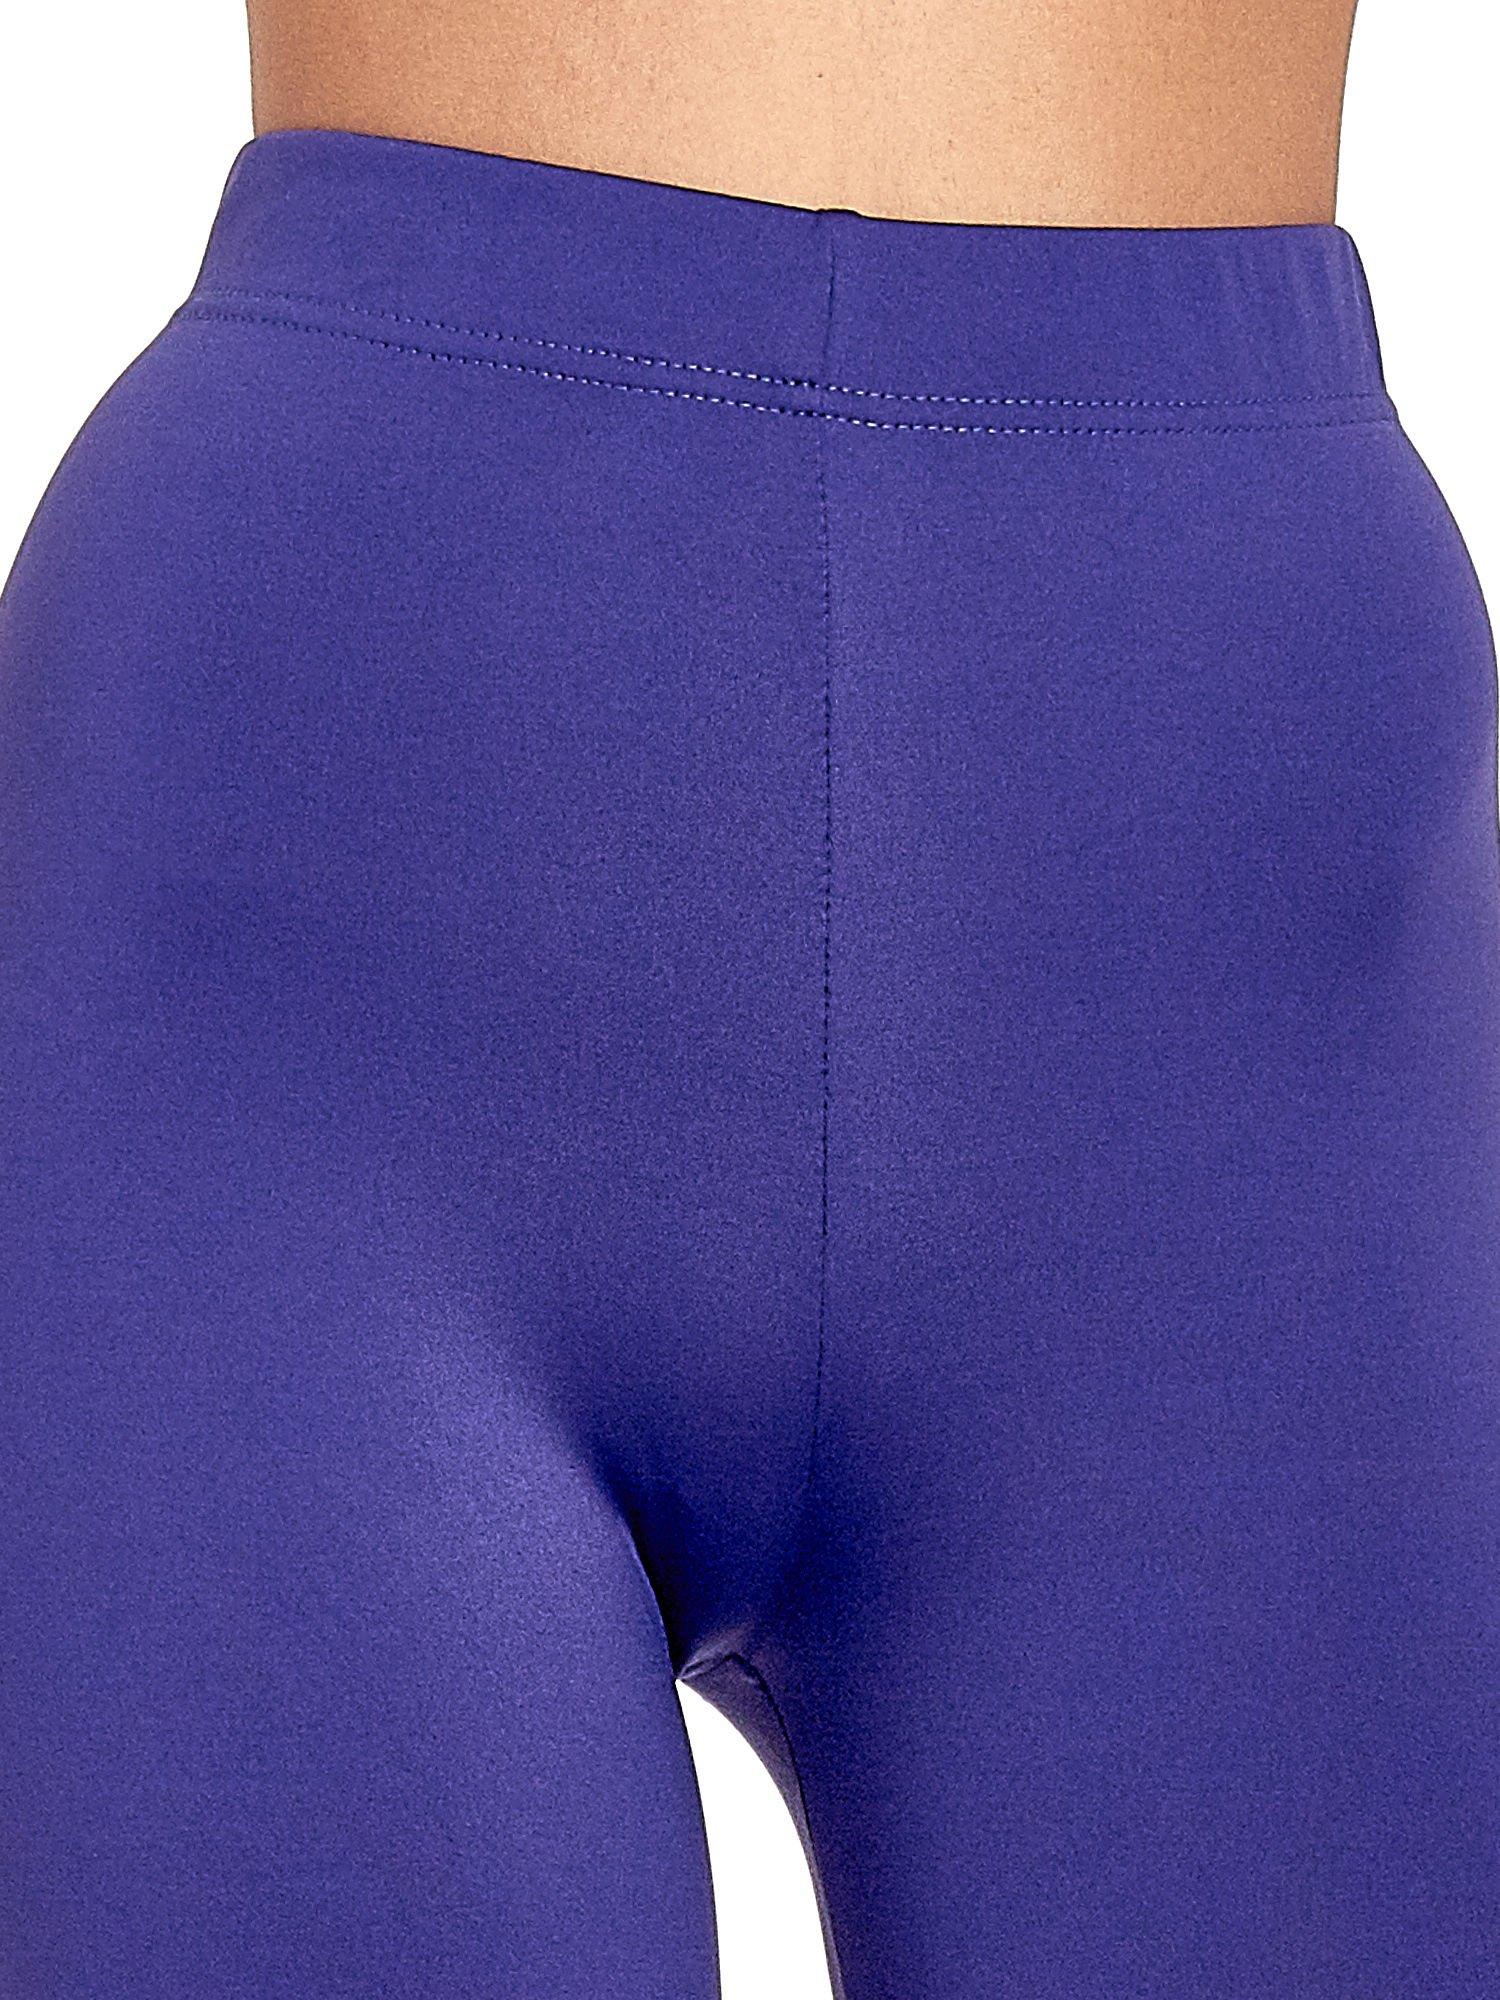 Fioletowe legginsy basic z lekkim ociepleniem                                  zdj.                                  5